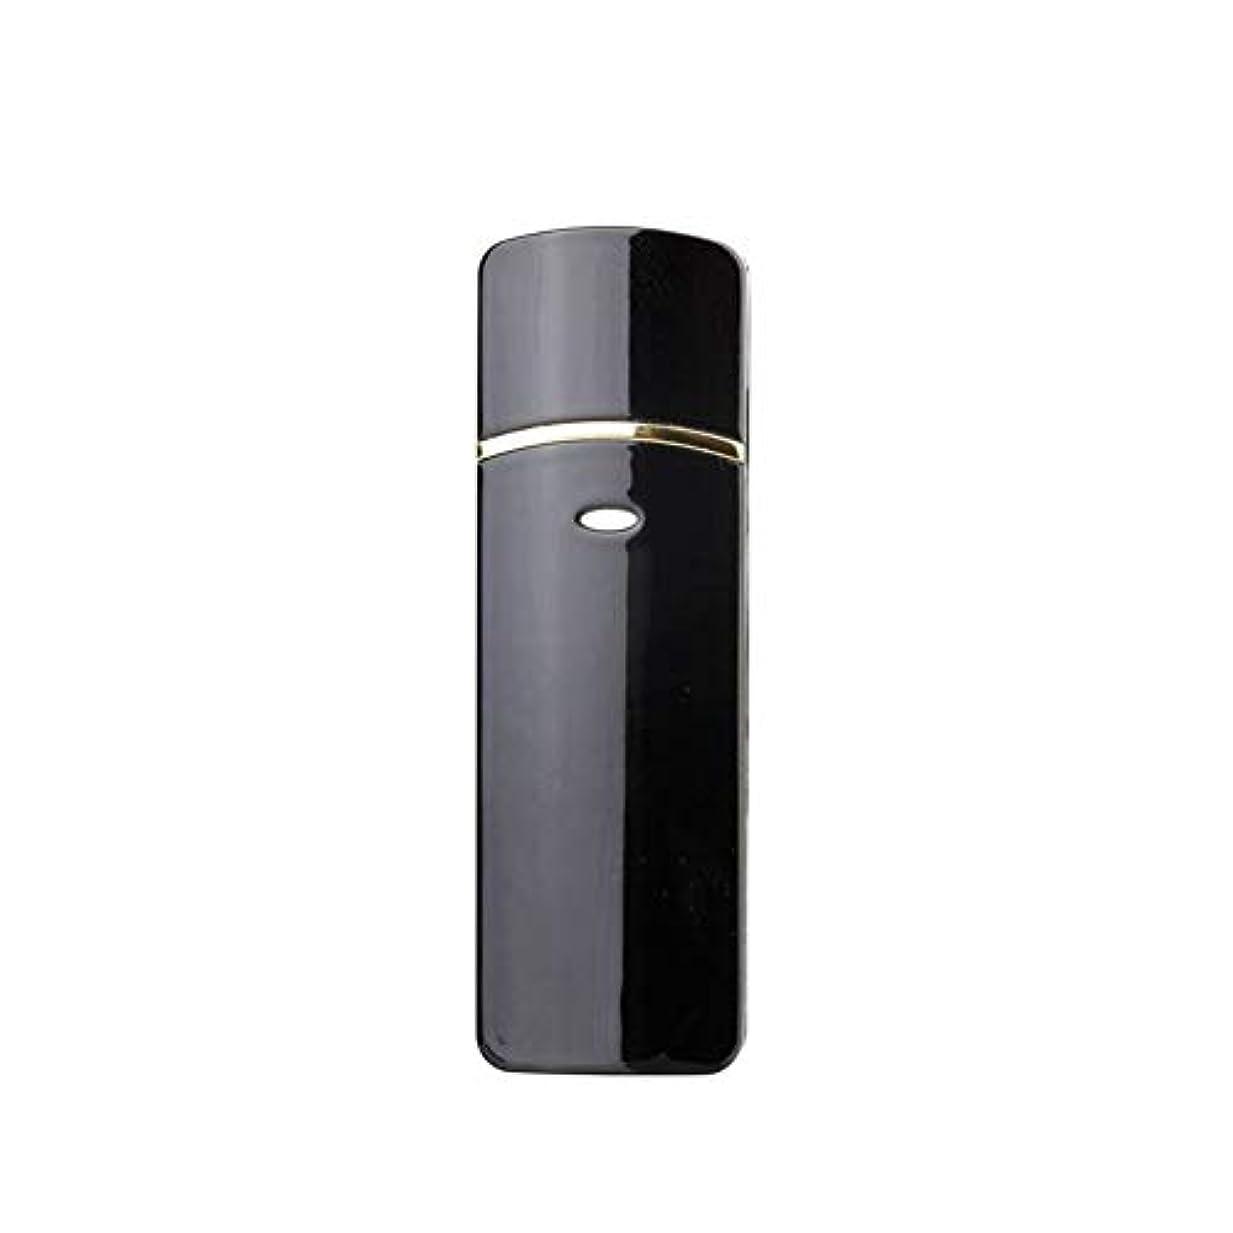 肺代理店ジョセフバンクス顔のスプレーヤー加湿器美容保湿ミニ顔ミスト霧化まつげエクステンションUSB充電式コールドスプレー (Color : Black)